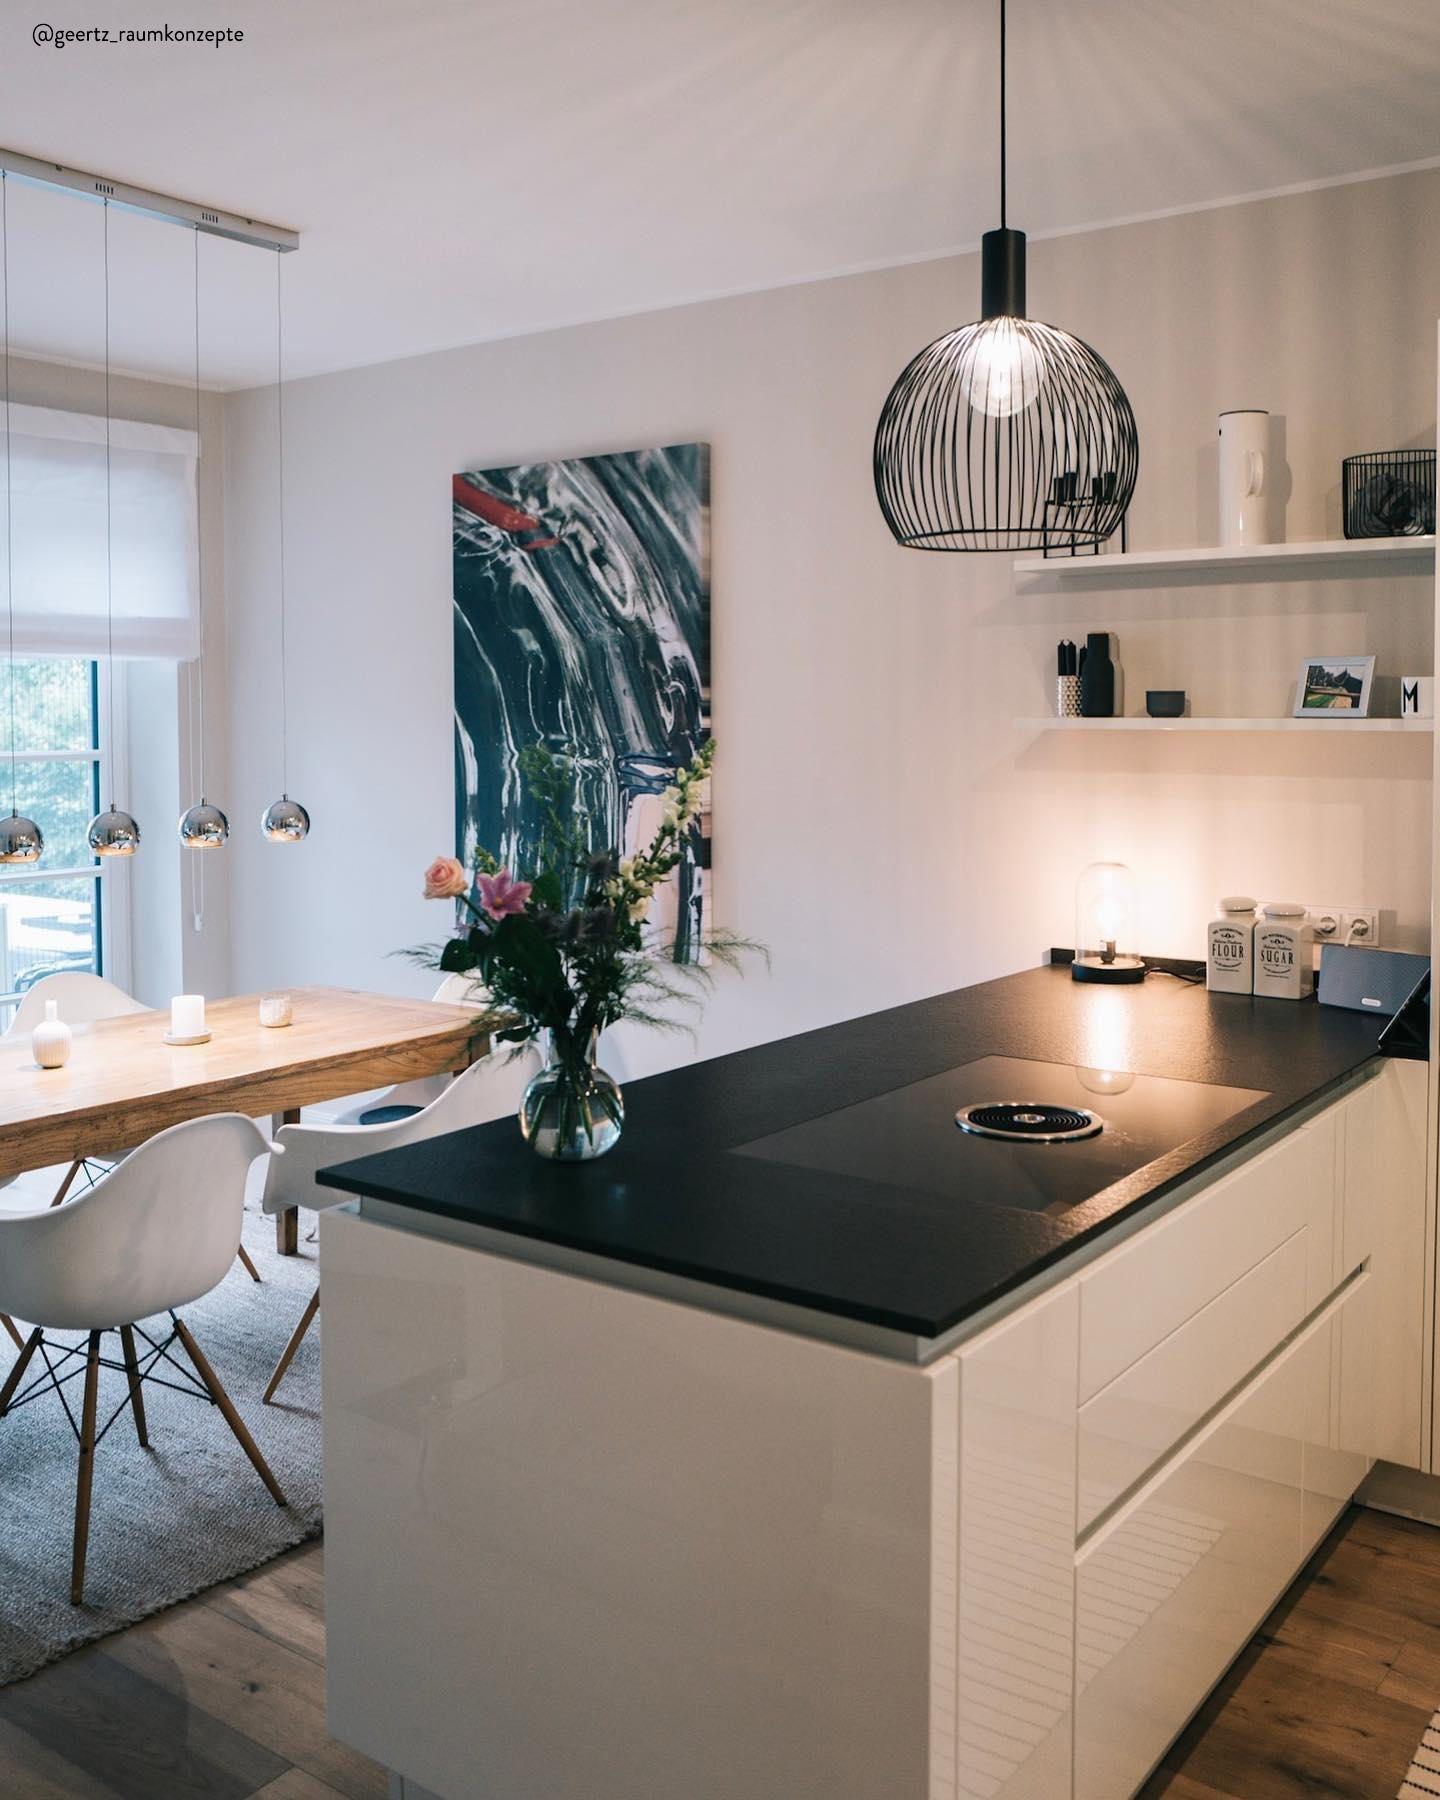 Pin Von Meltem Shoaee Auf House Beautiful In 2020 Kuchenstil Kuchen Design Haus Deko